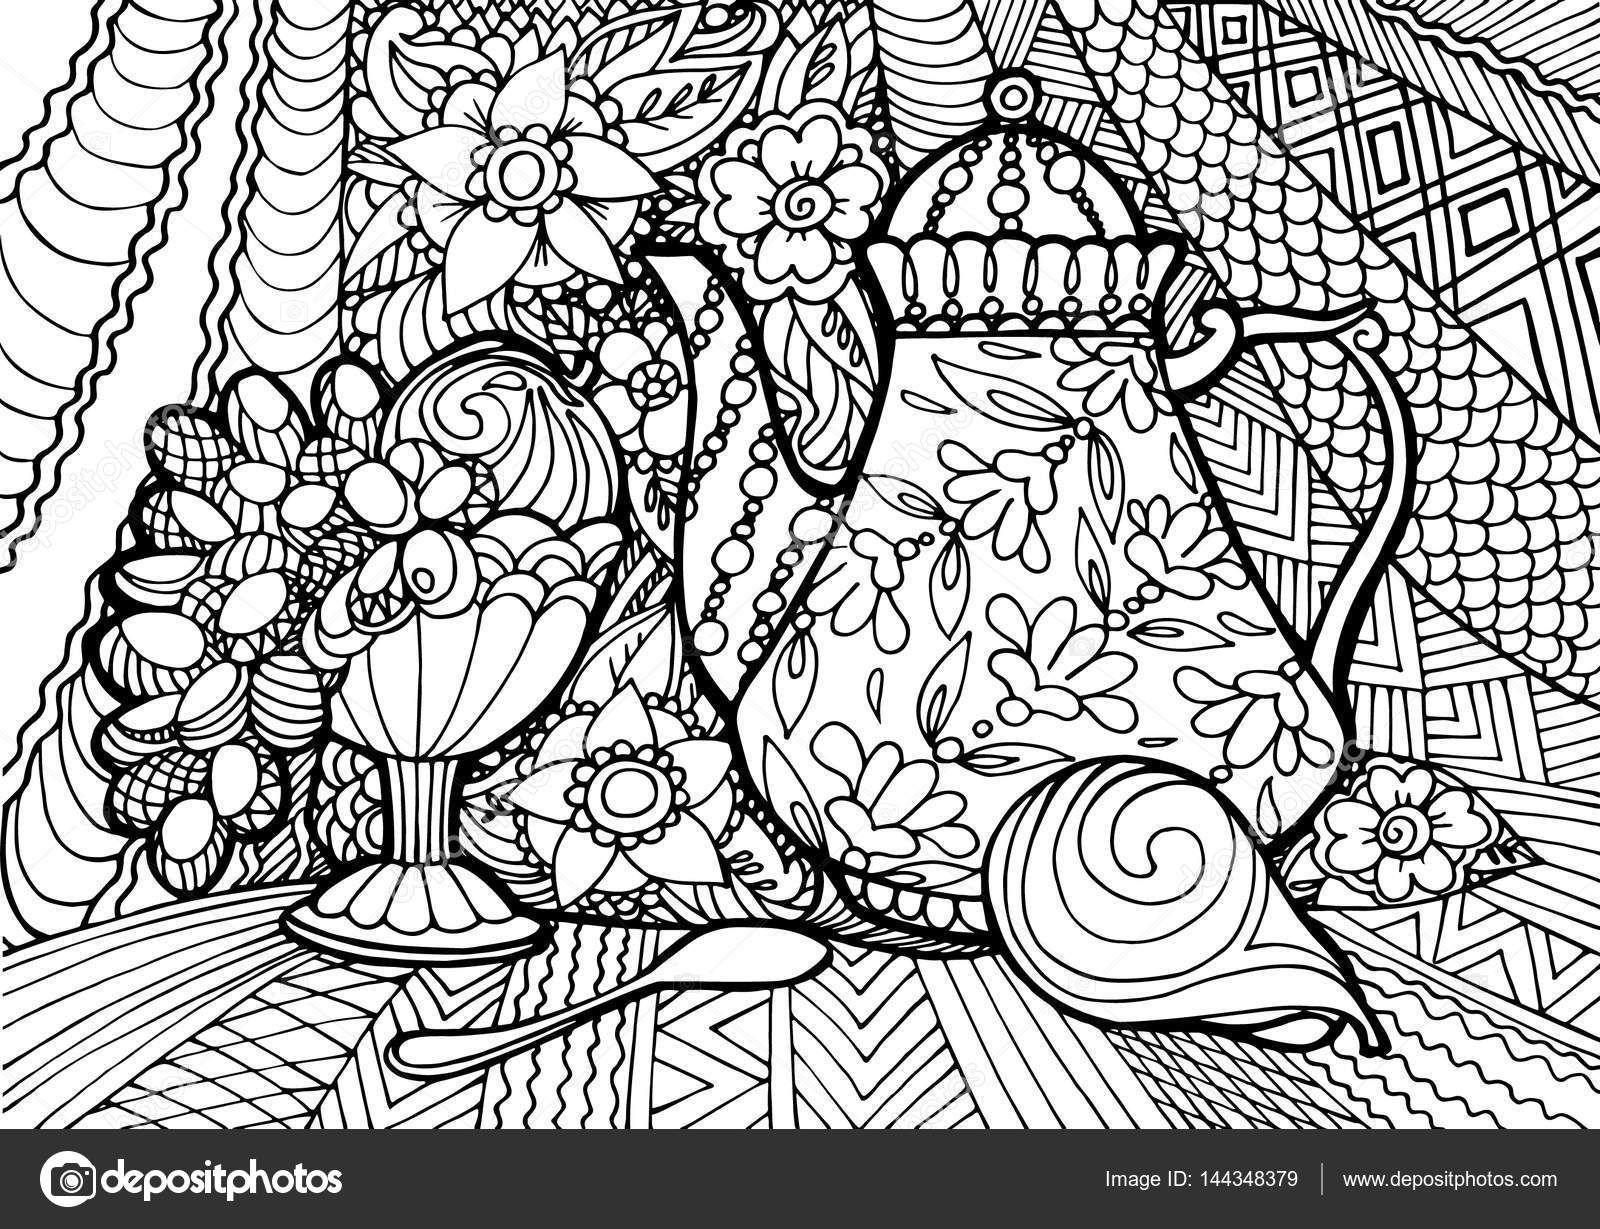 Декоративный натюрморт с чай и фрукты. Каракули. Раскраски ...